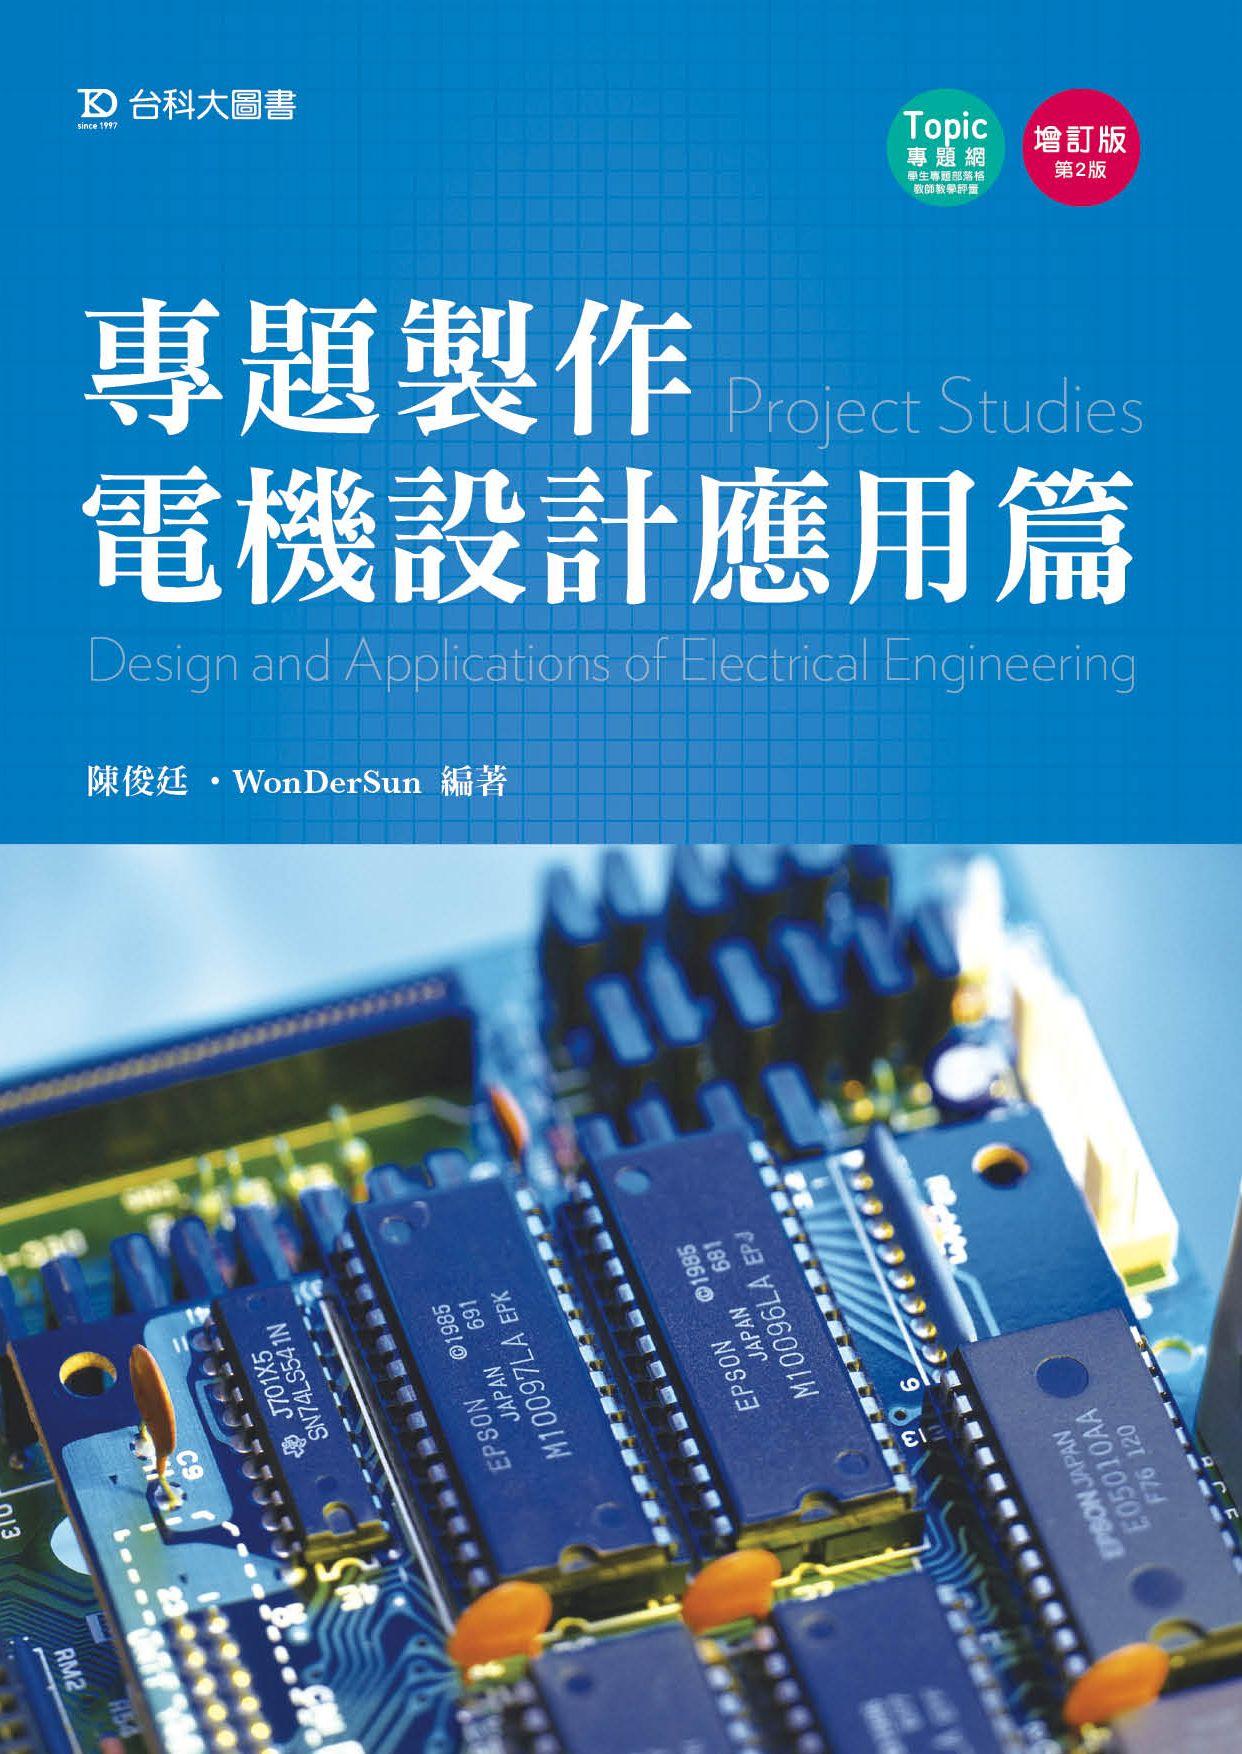 AT00701-專題製作 - 電機設計應用篇 -增訂版(第二版)